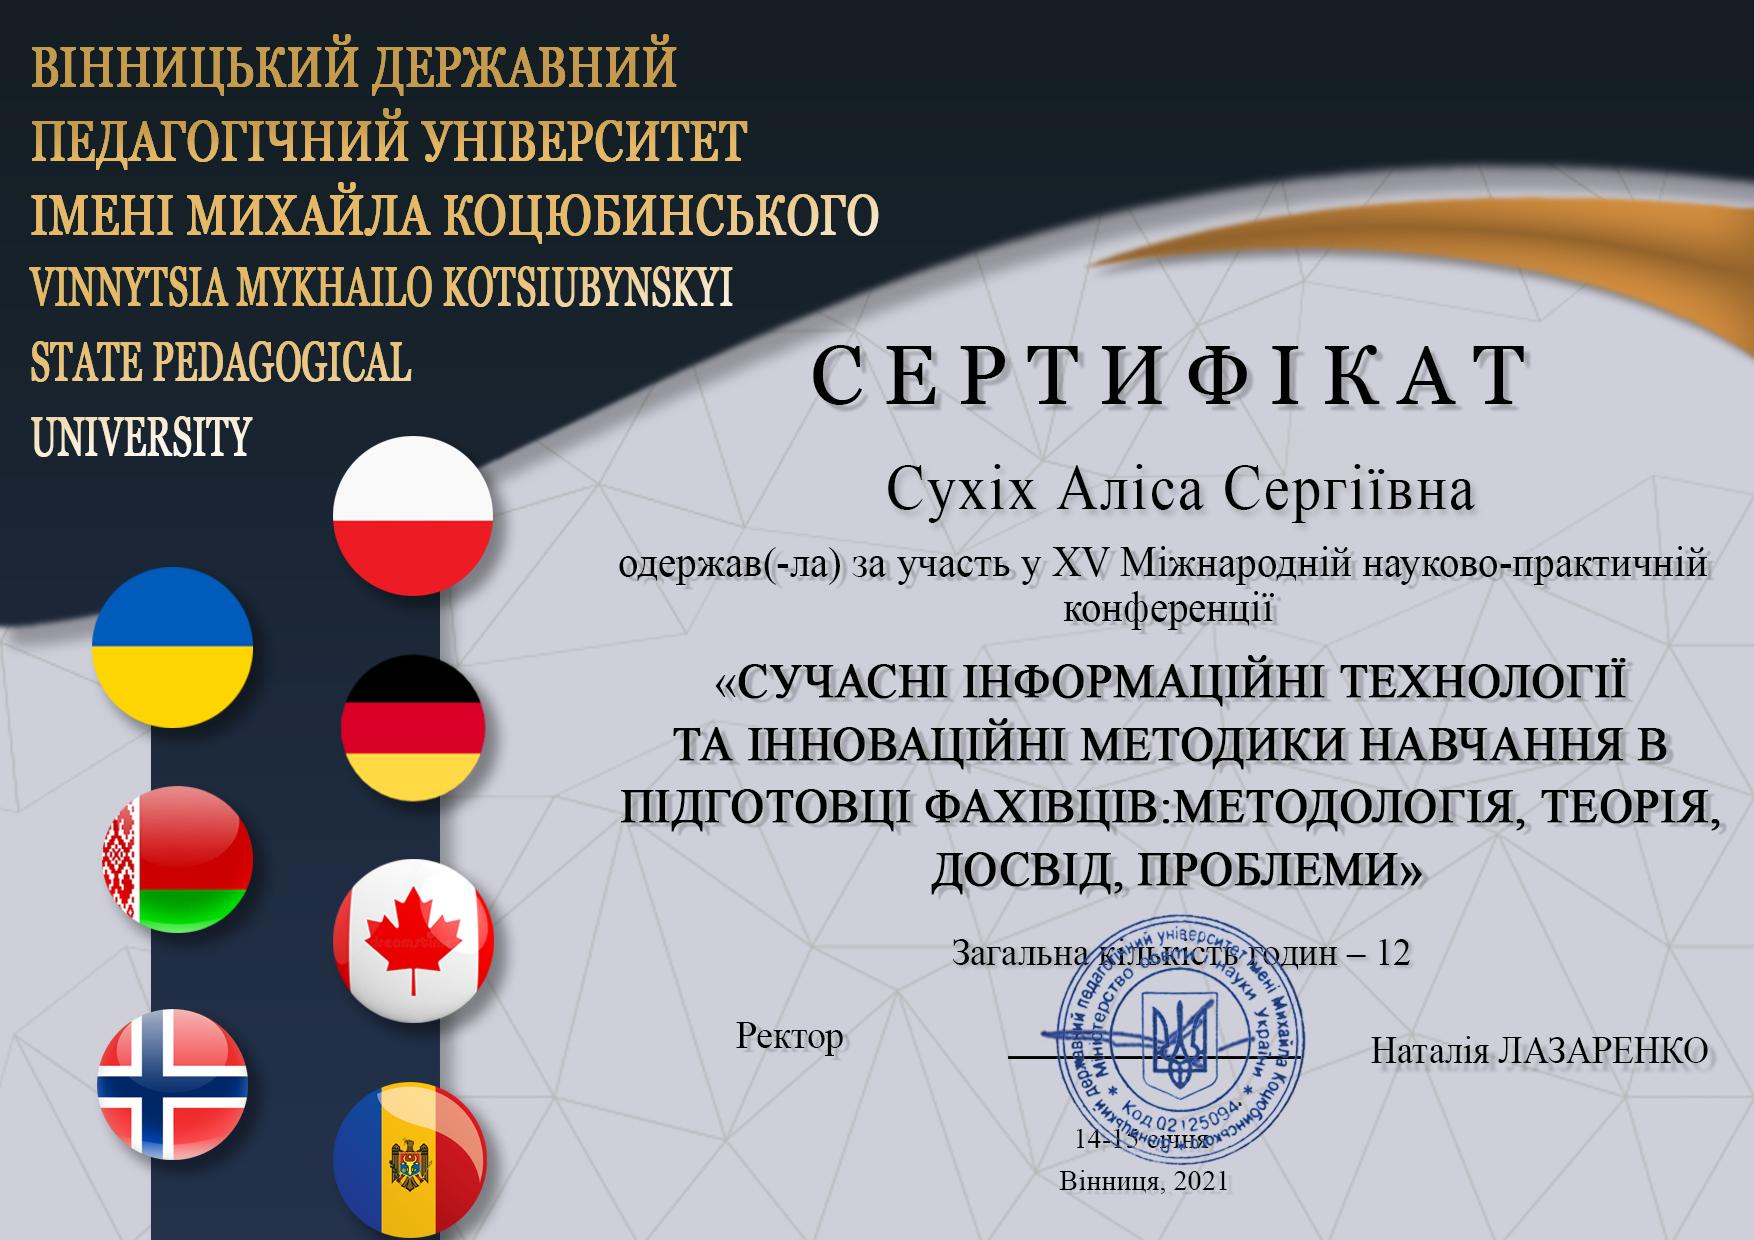 Сухіх Аліса Сергіївна